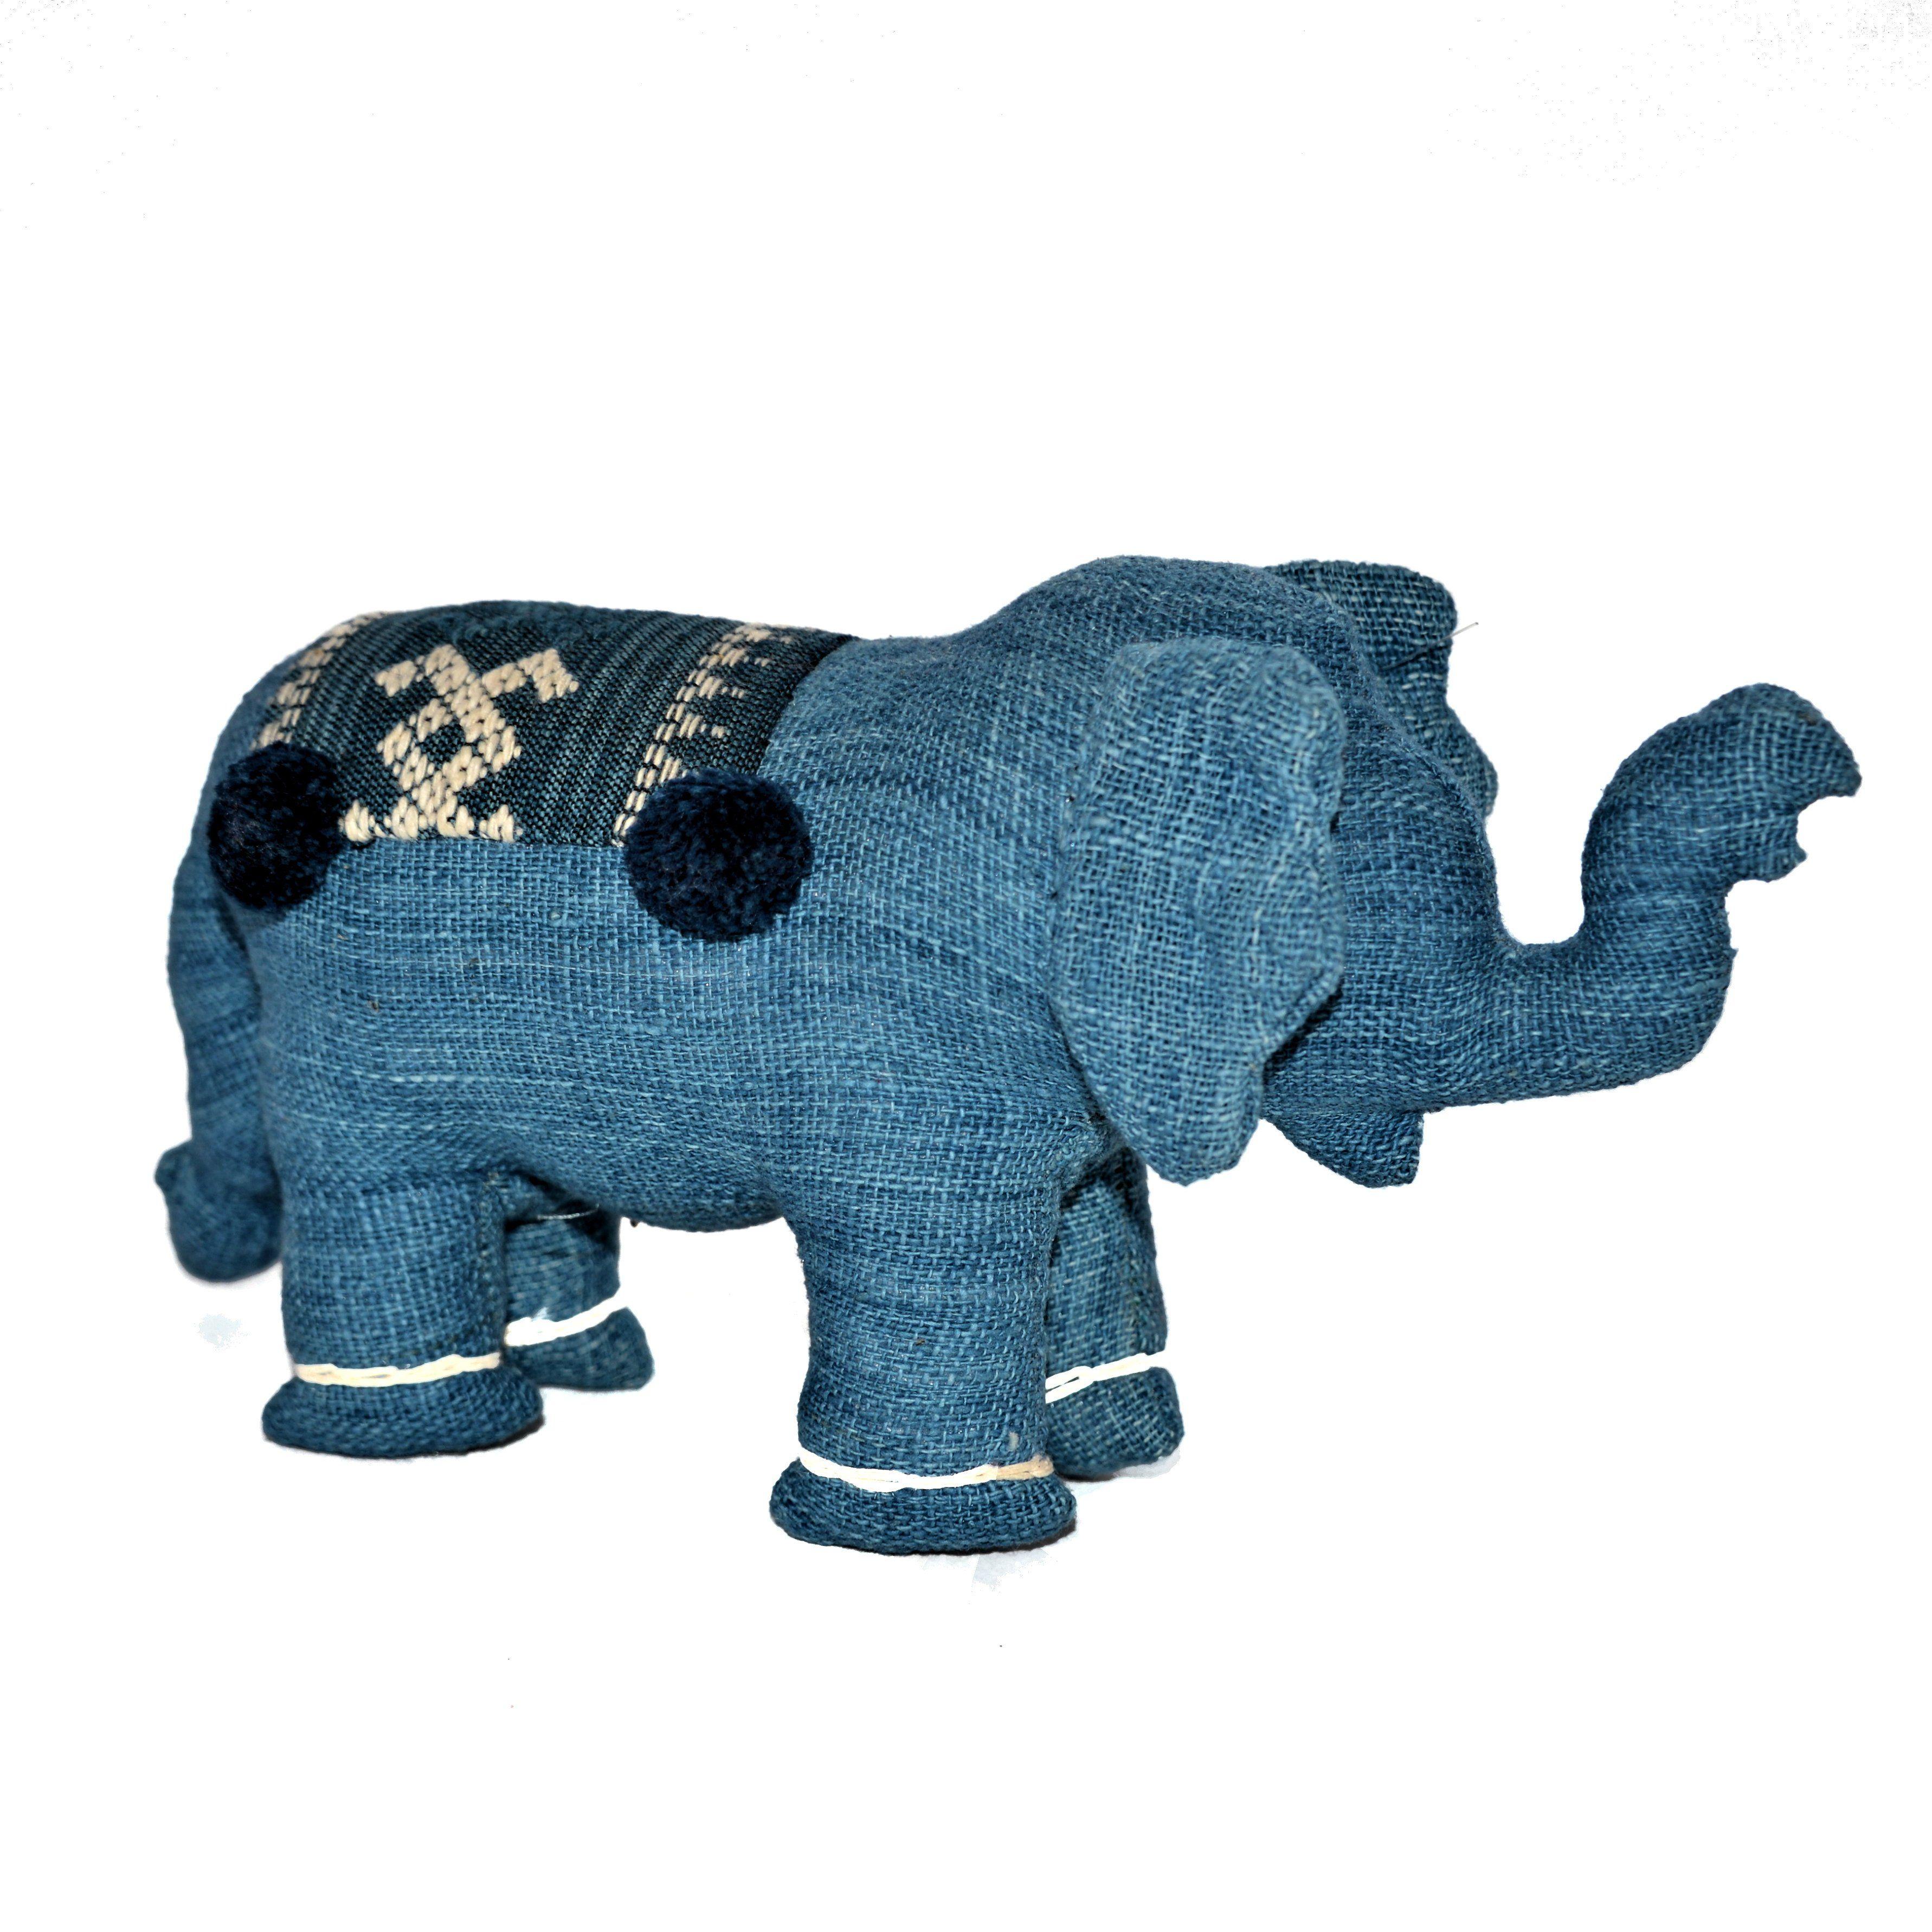 Large Light Blue Stuffed Elephant Elephant Stuffed Animal Elephant Save The Elephants